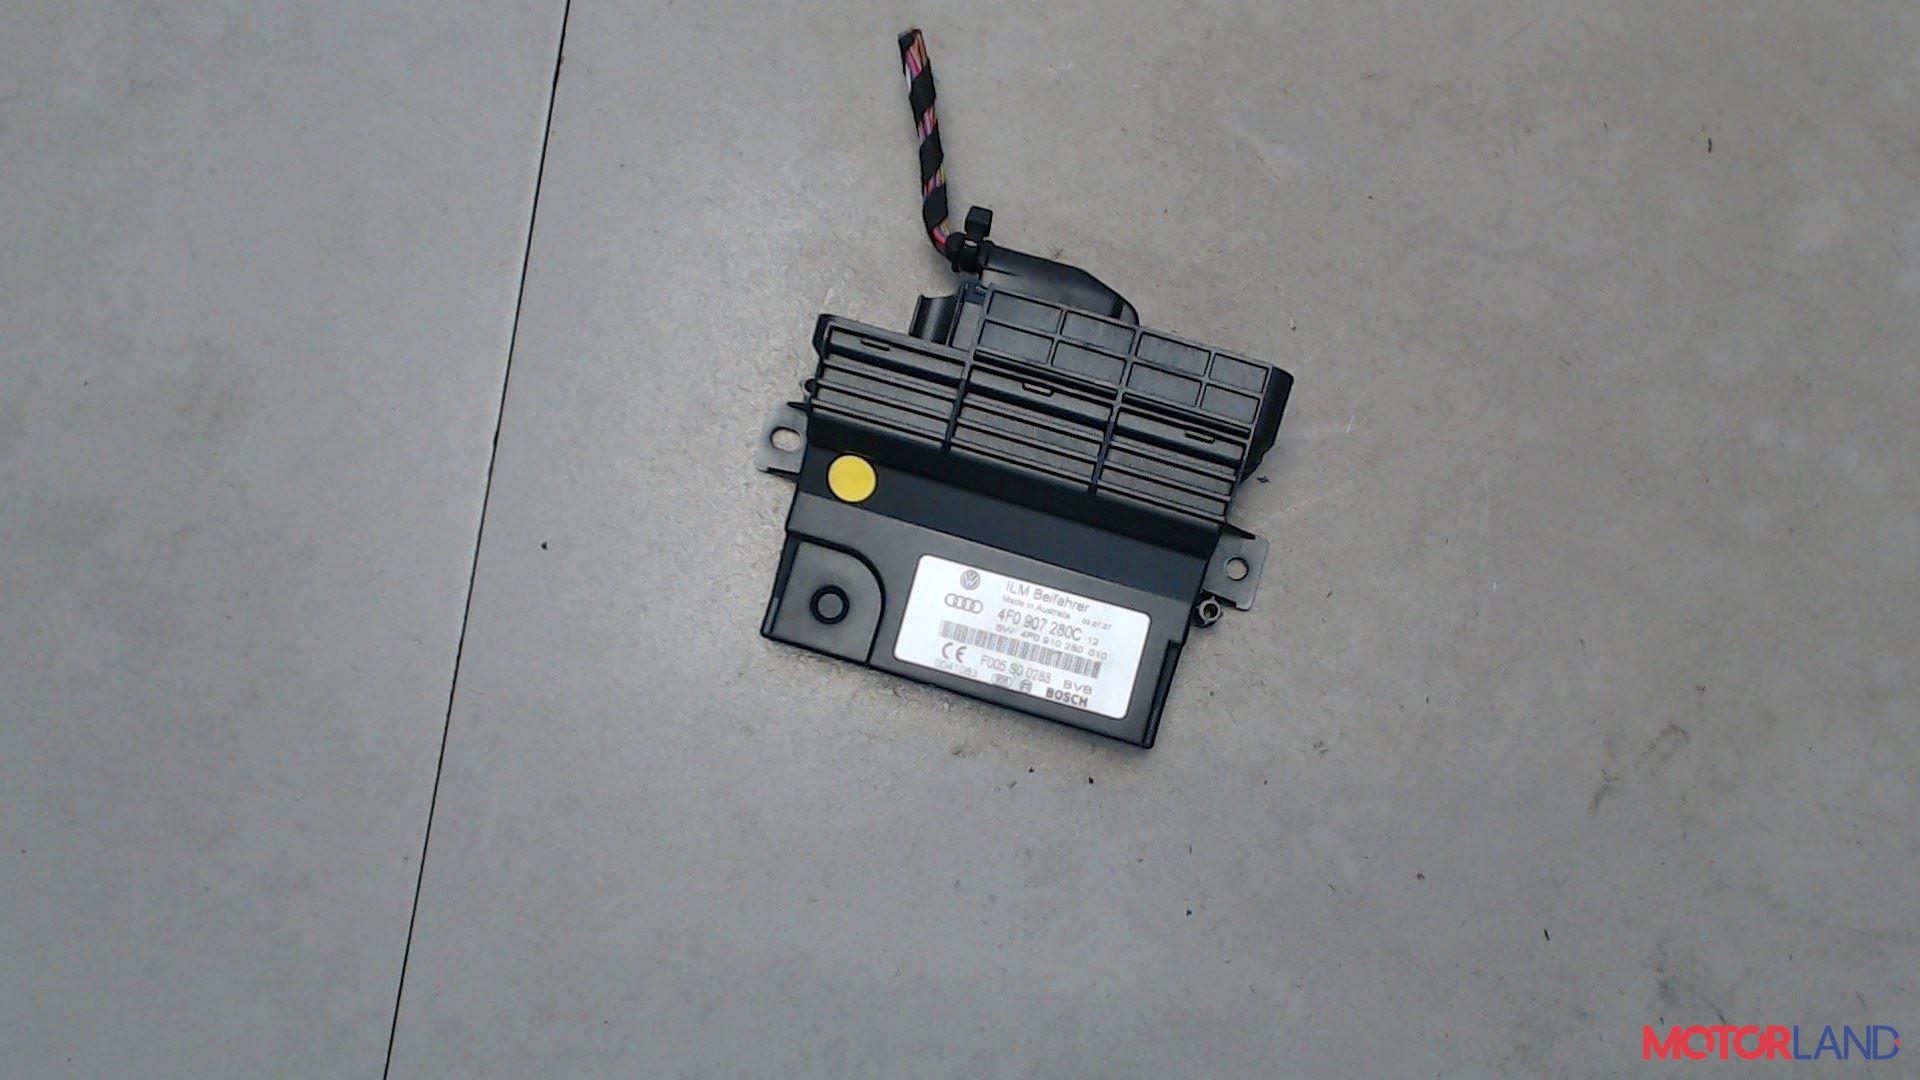 Блок управления (ЭБУ) Audi A6 (C6) 2005-2011 2.8 л. 2007 BDX б/у #1